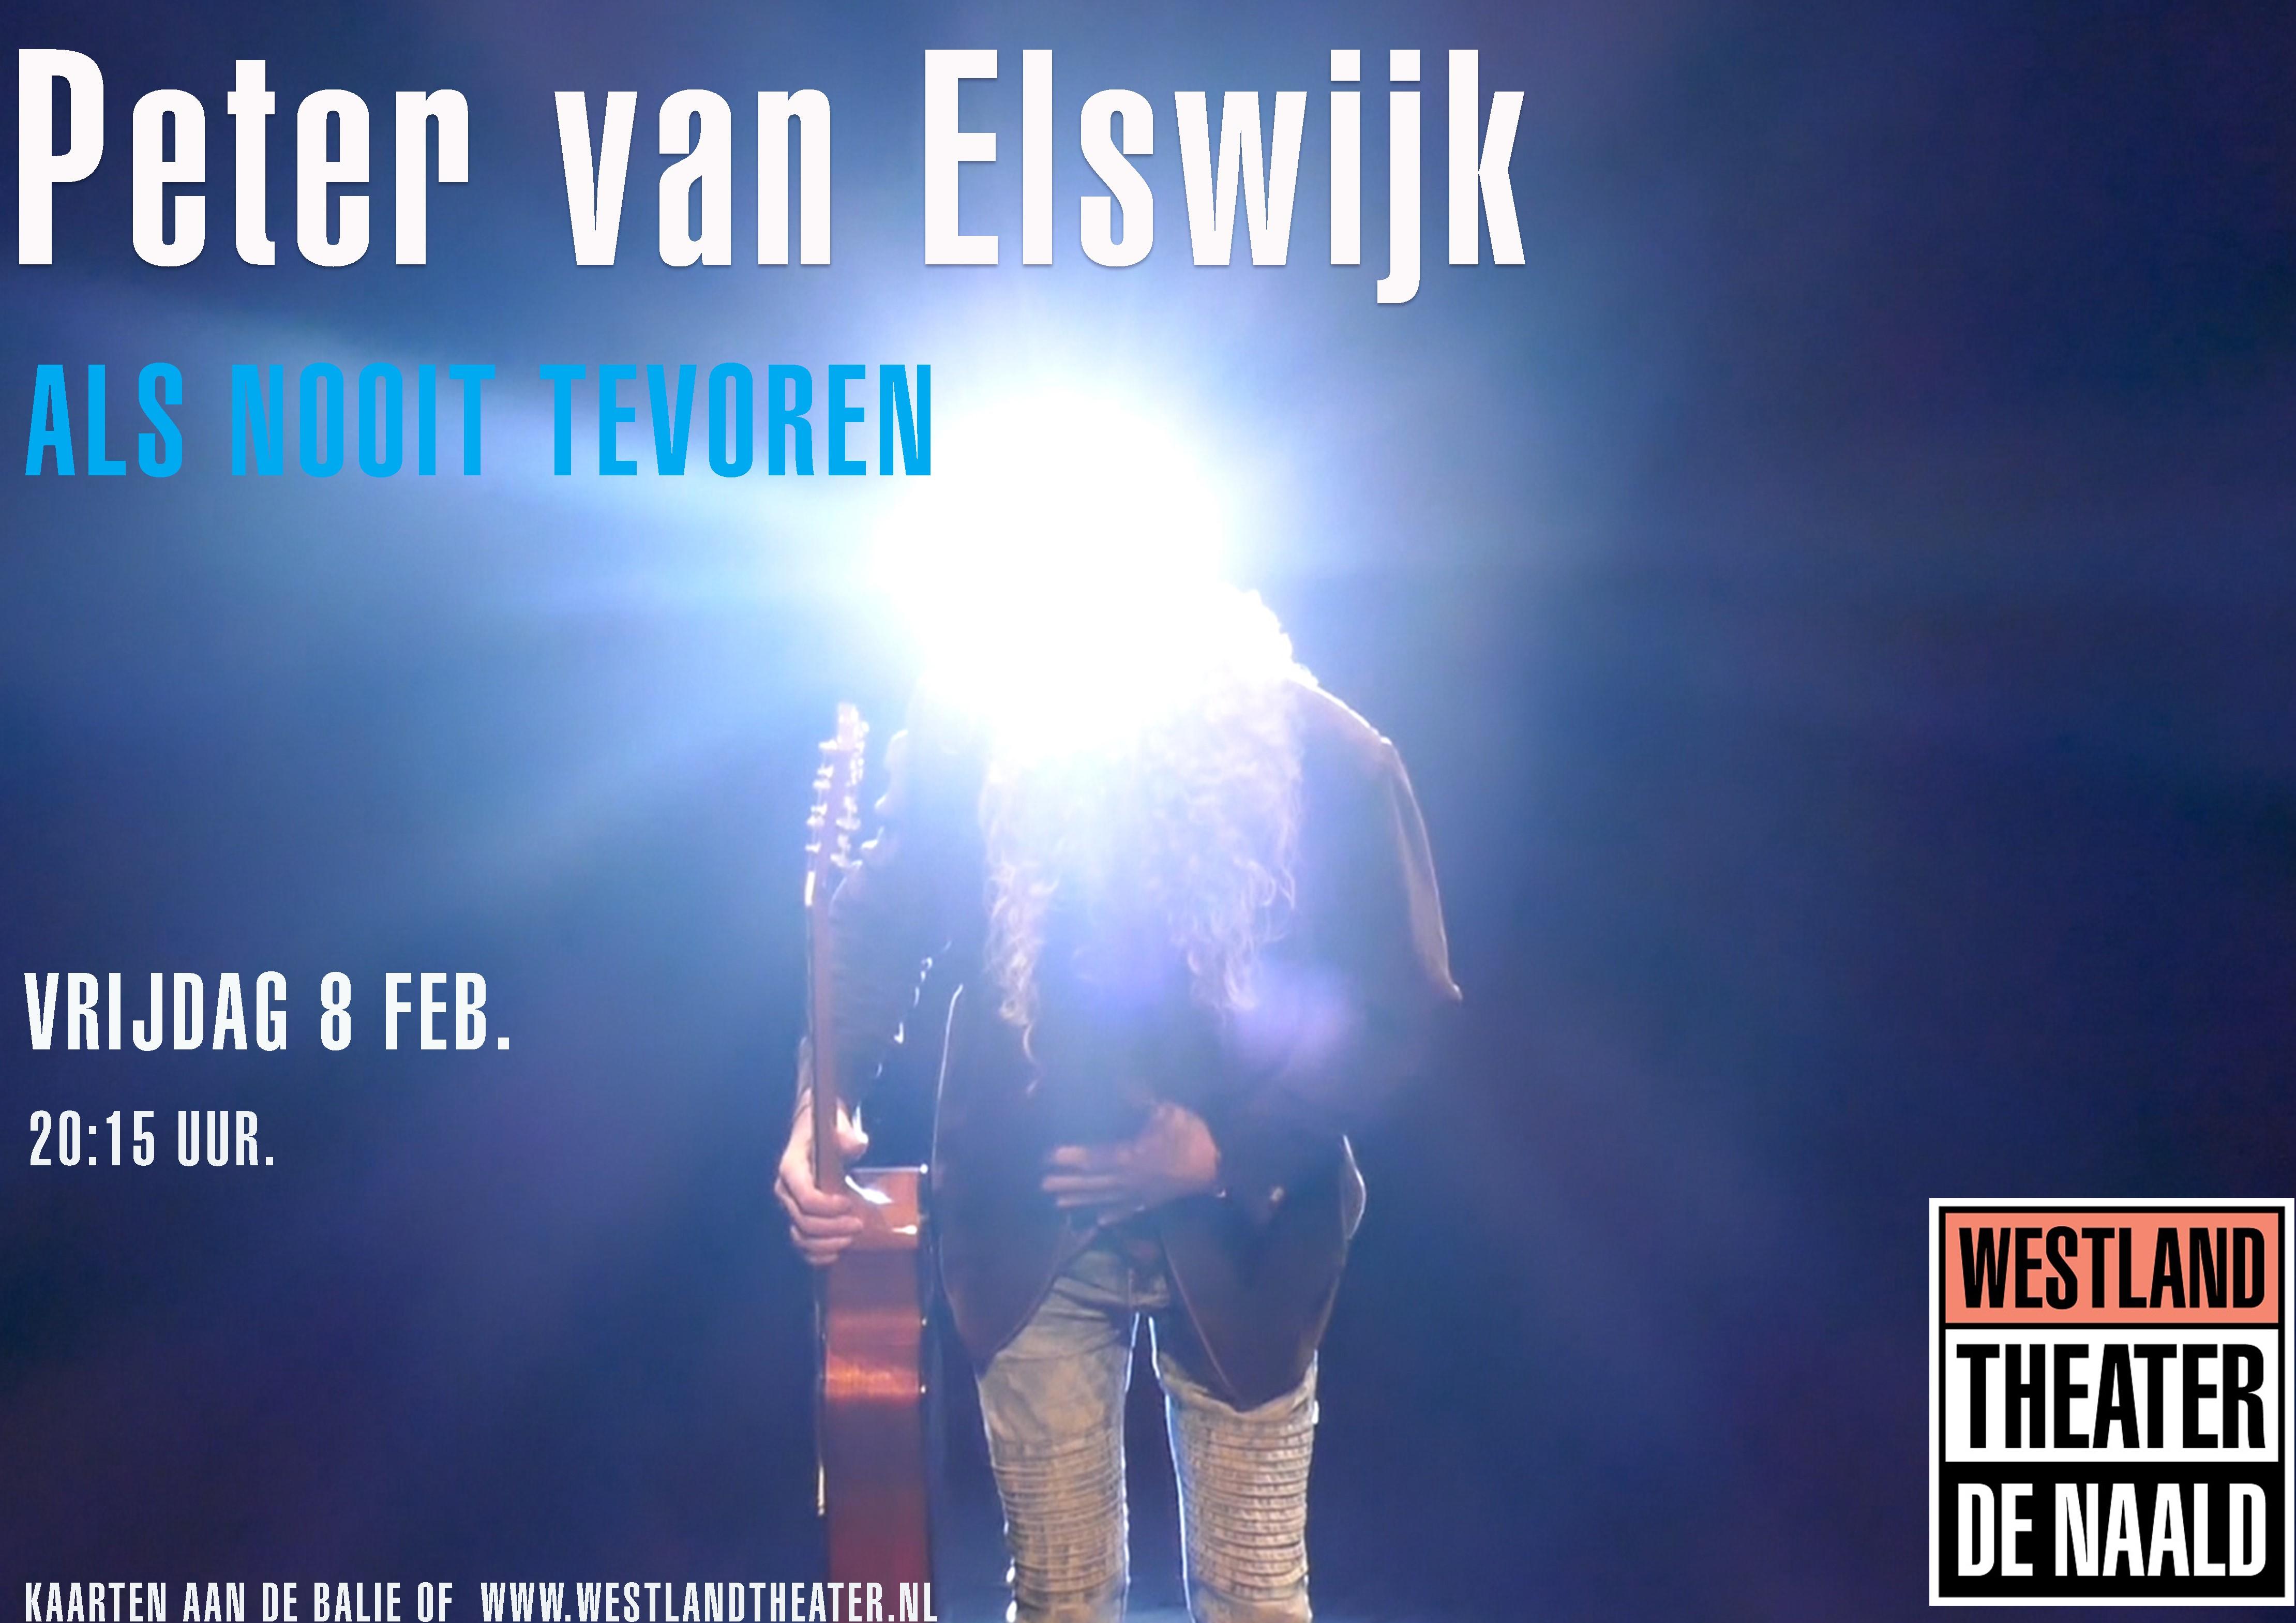 Als nooit tevoren Peter van Elswijk